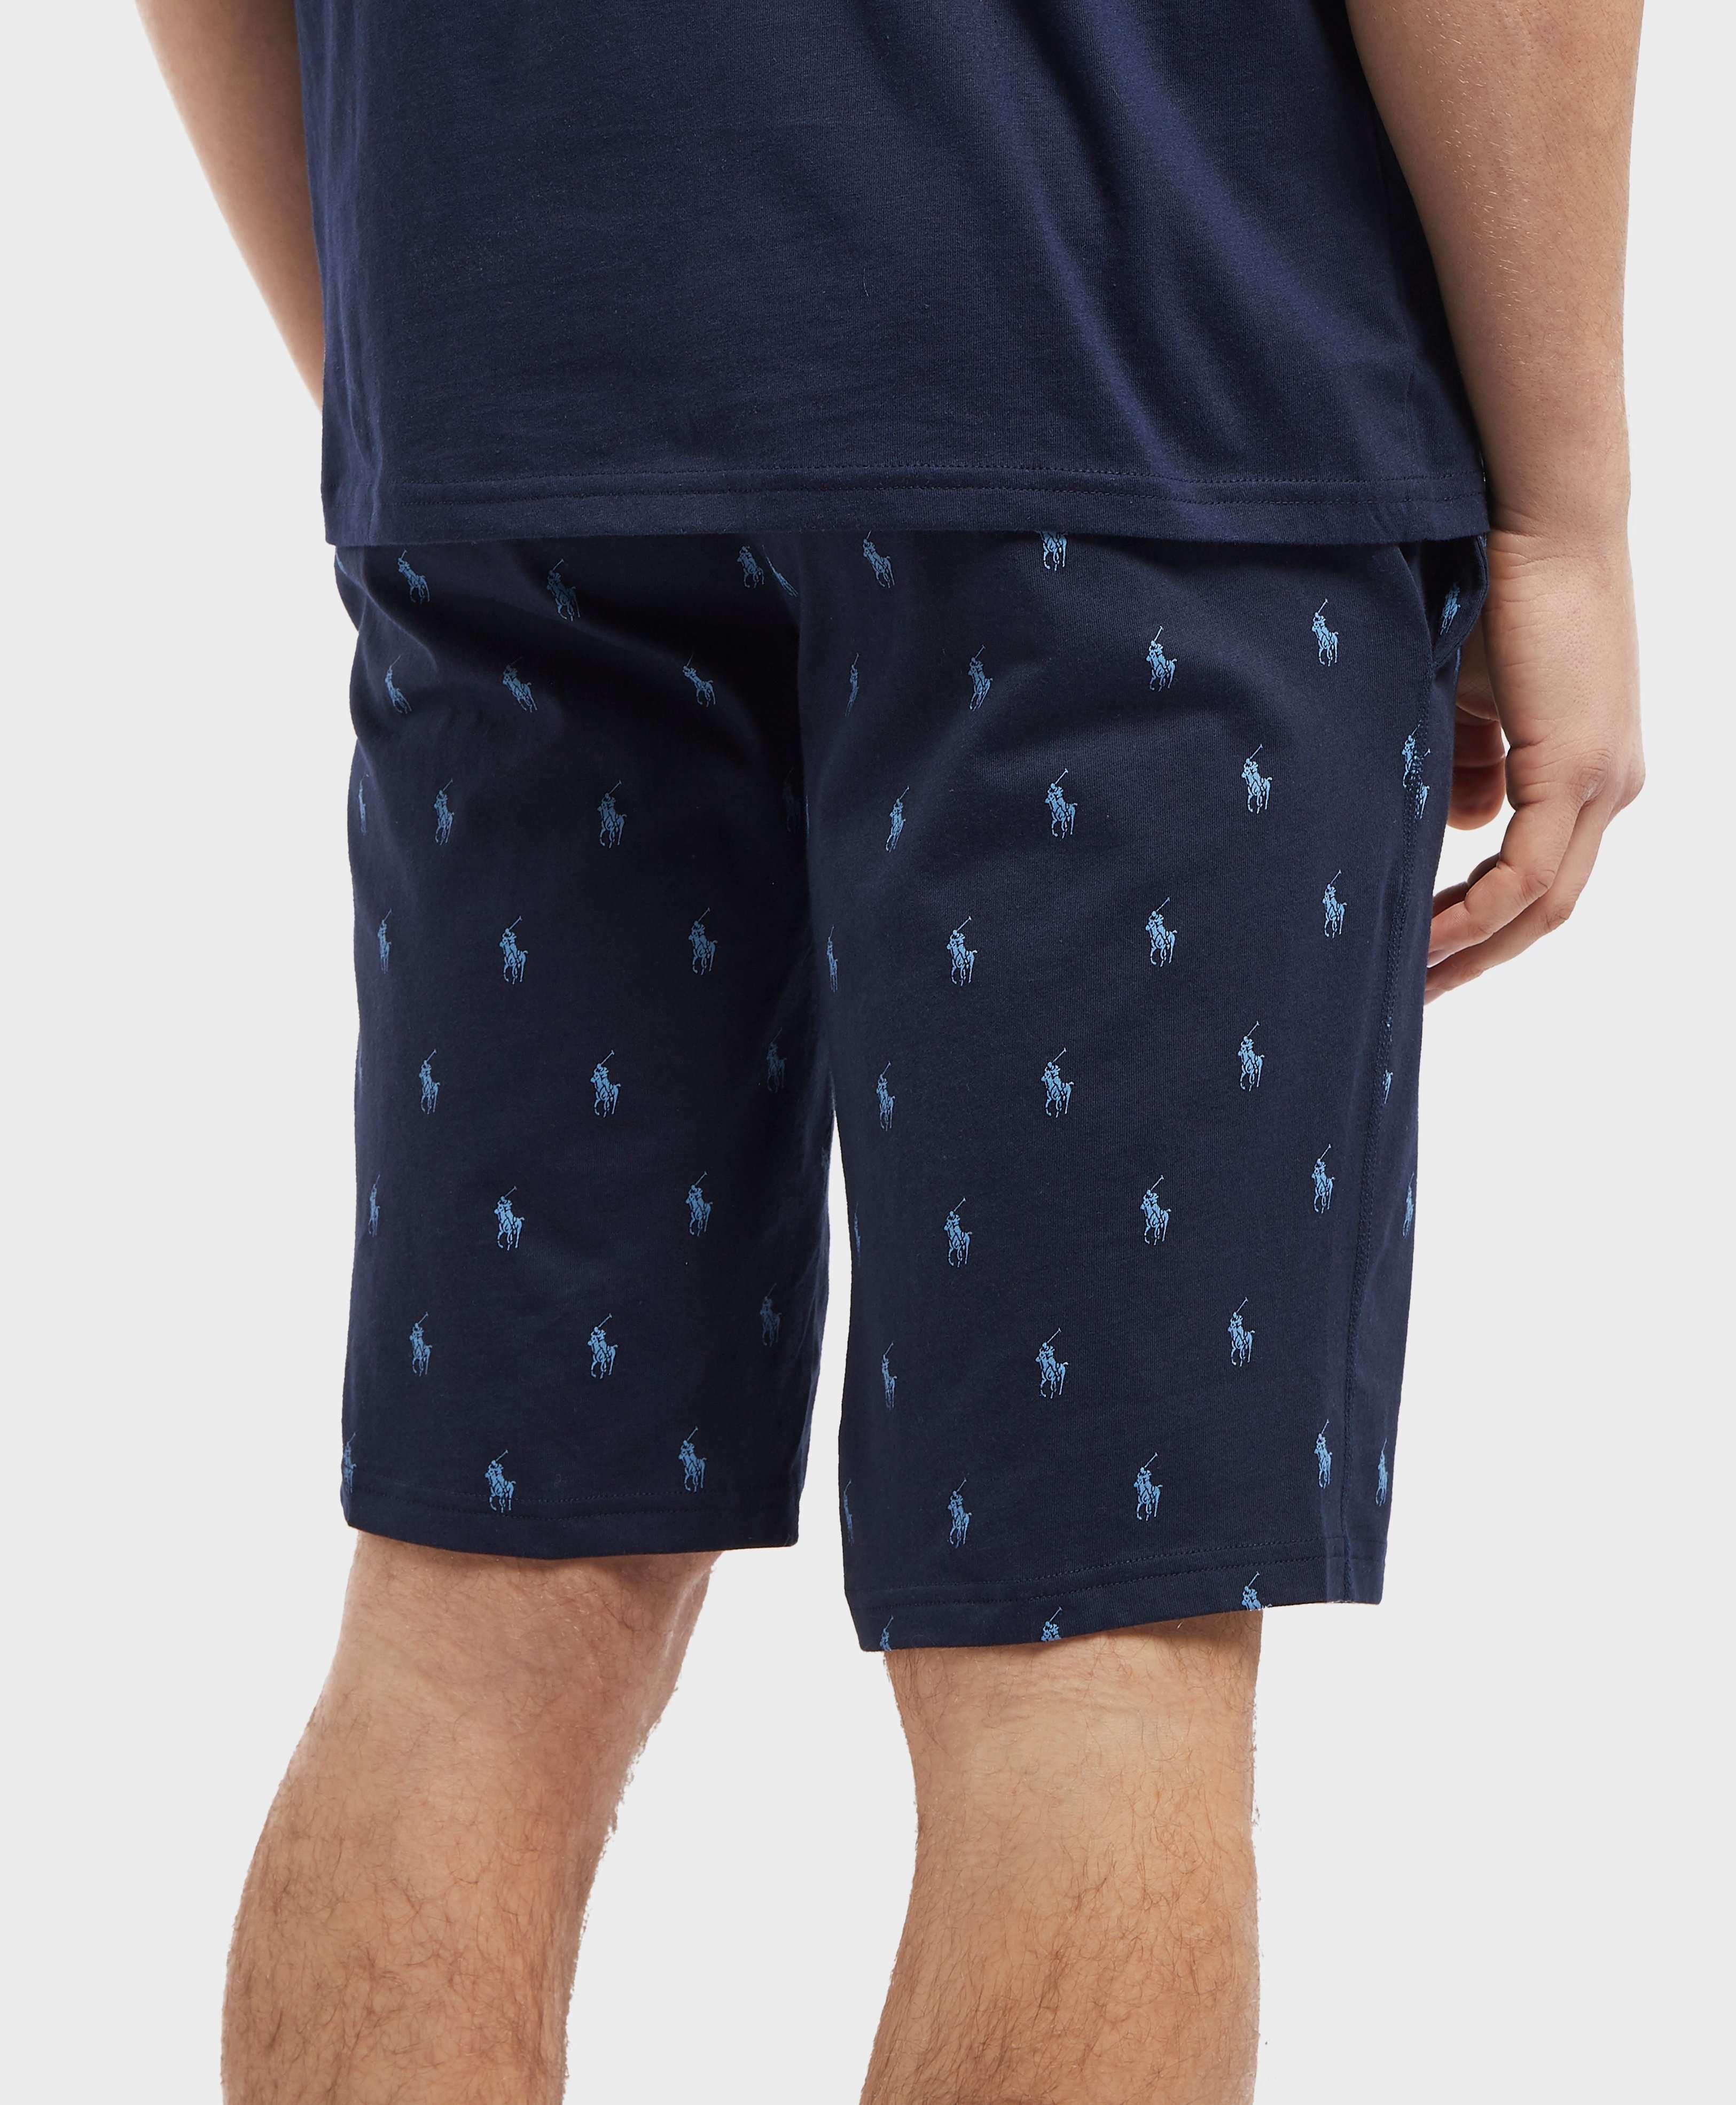 Polo Ralph Lauren Underwear Print Fleece Shorts - Online Exclusives